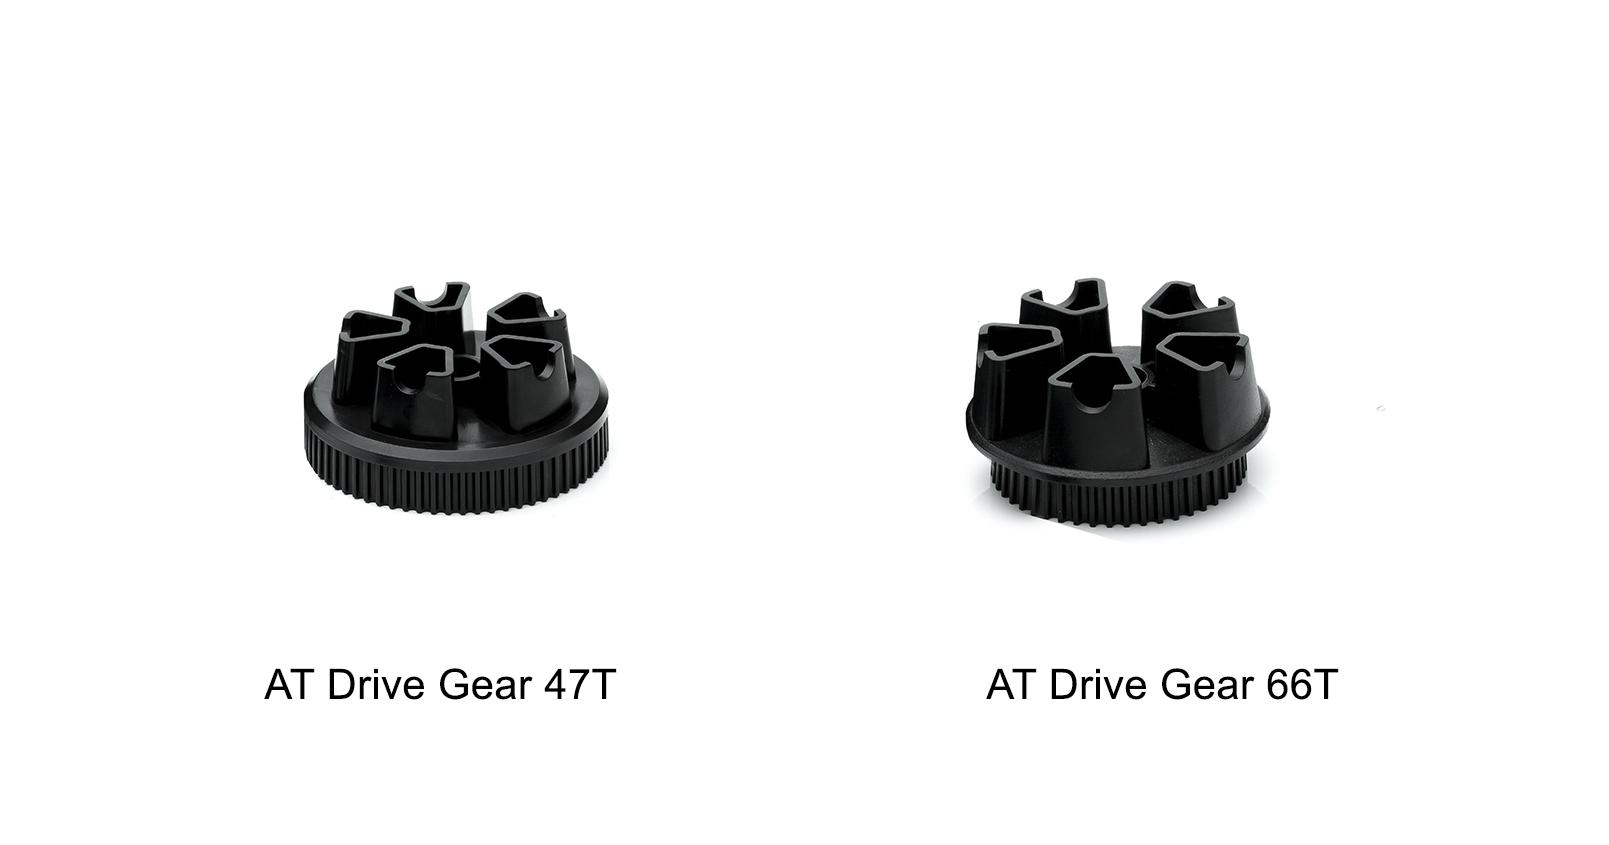 Evolve Drive Gears